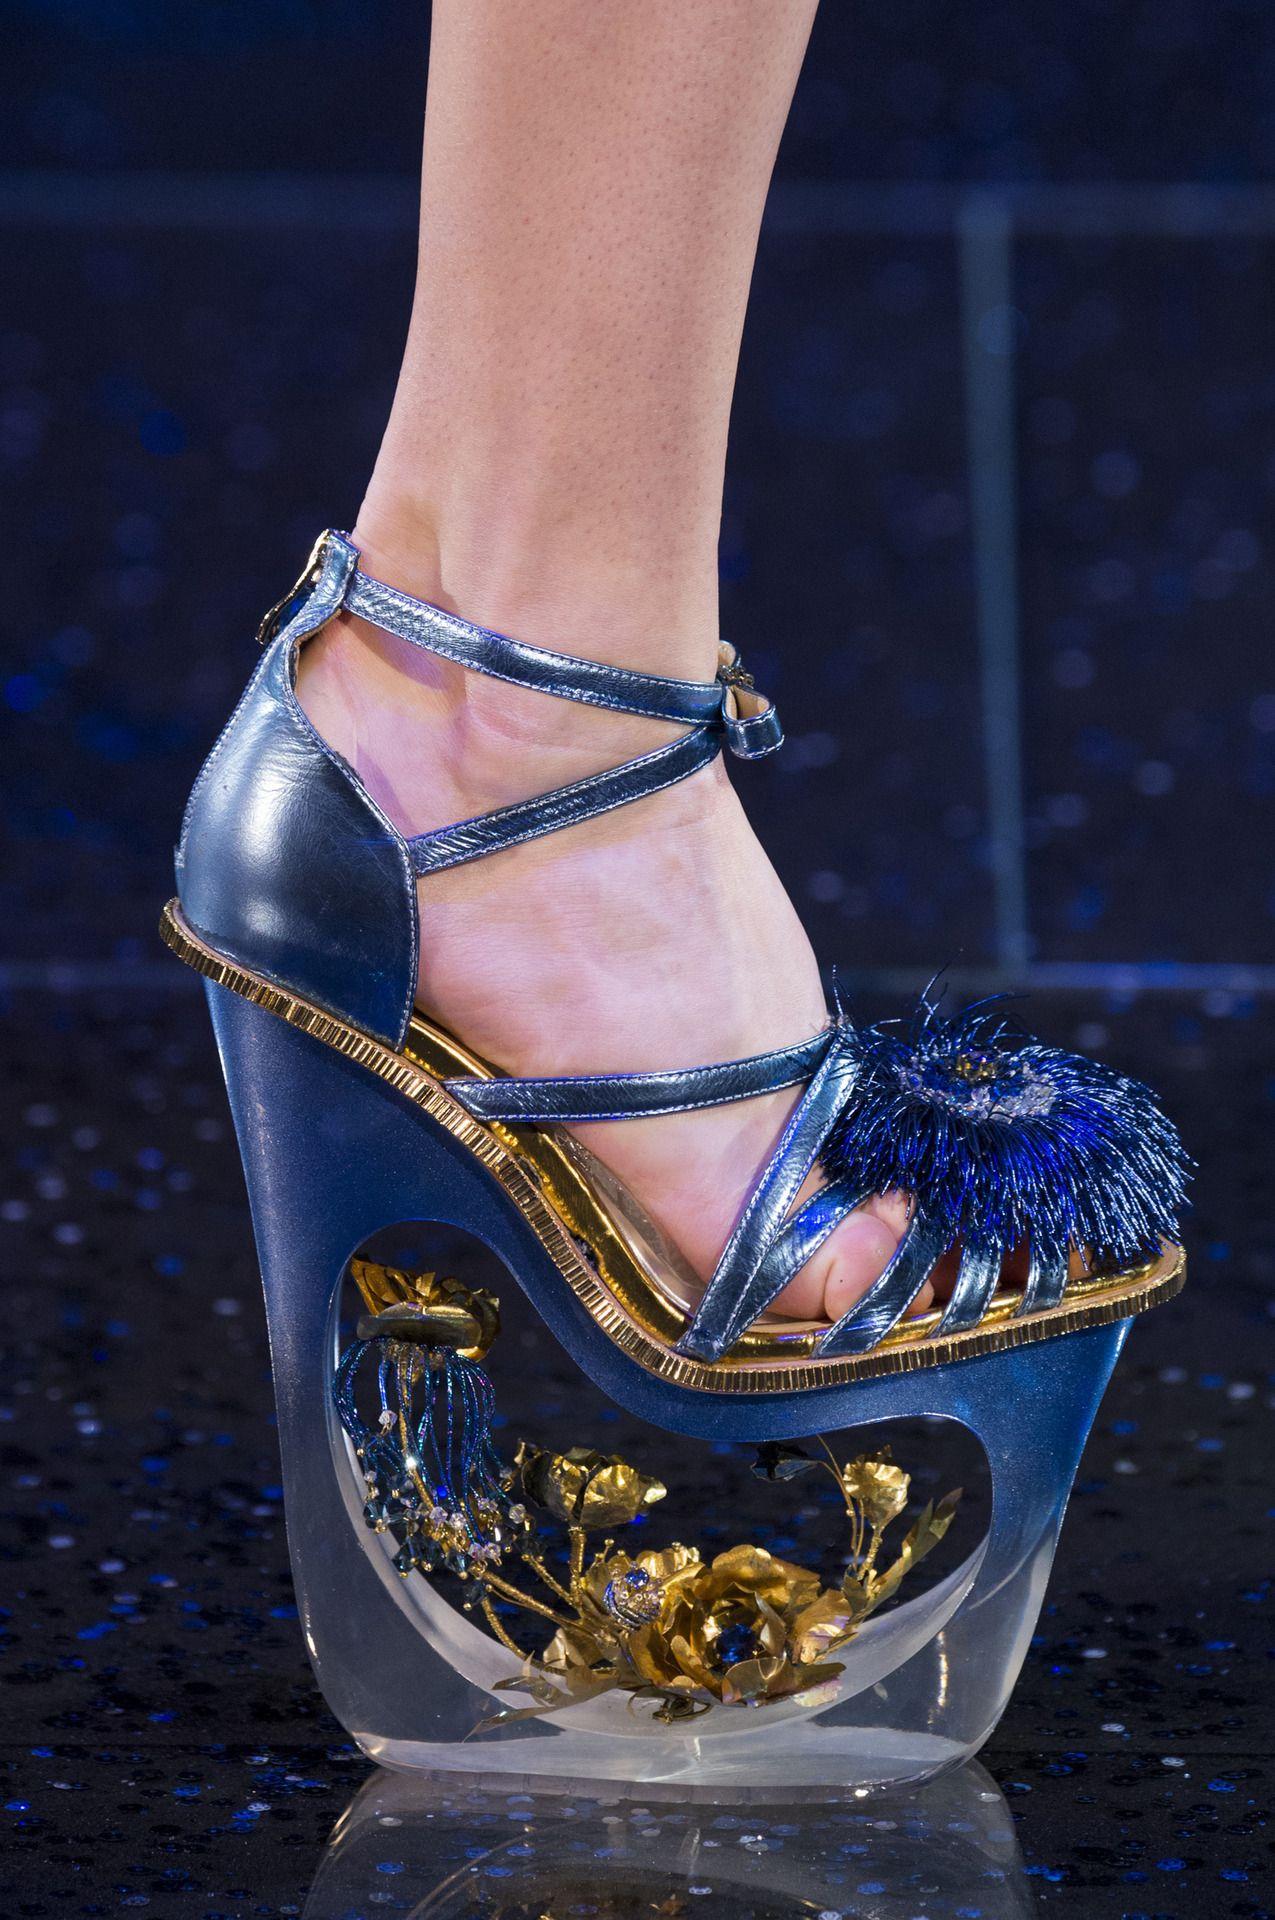 3945c967822b0 Ete 2018, Chaussures Folles, Chaussures Femme, Bottes, Mode, Escarpins,  Printemps